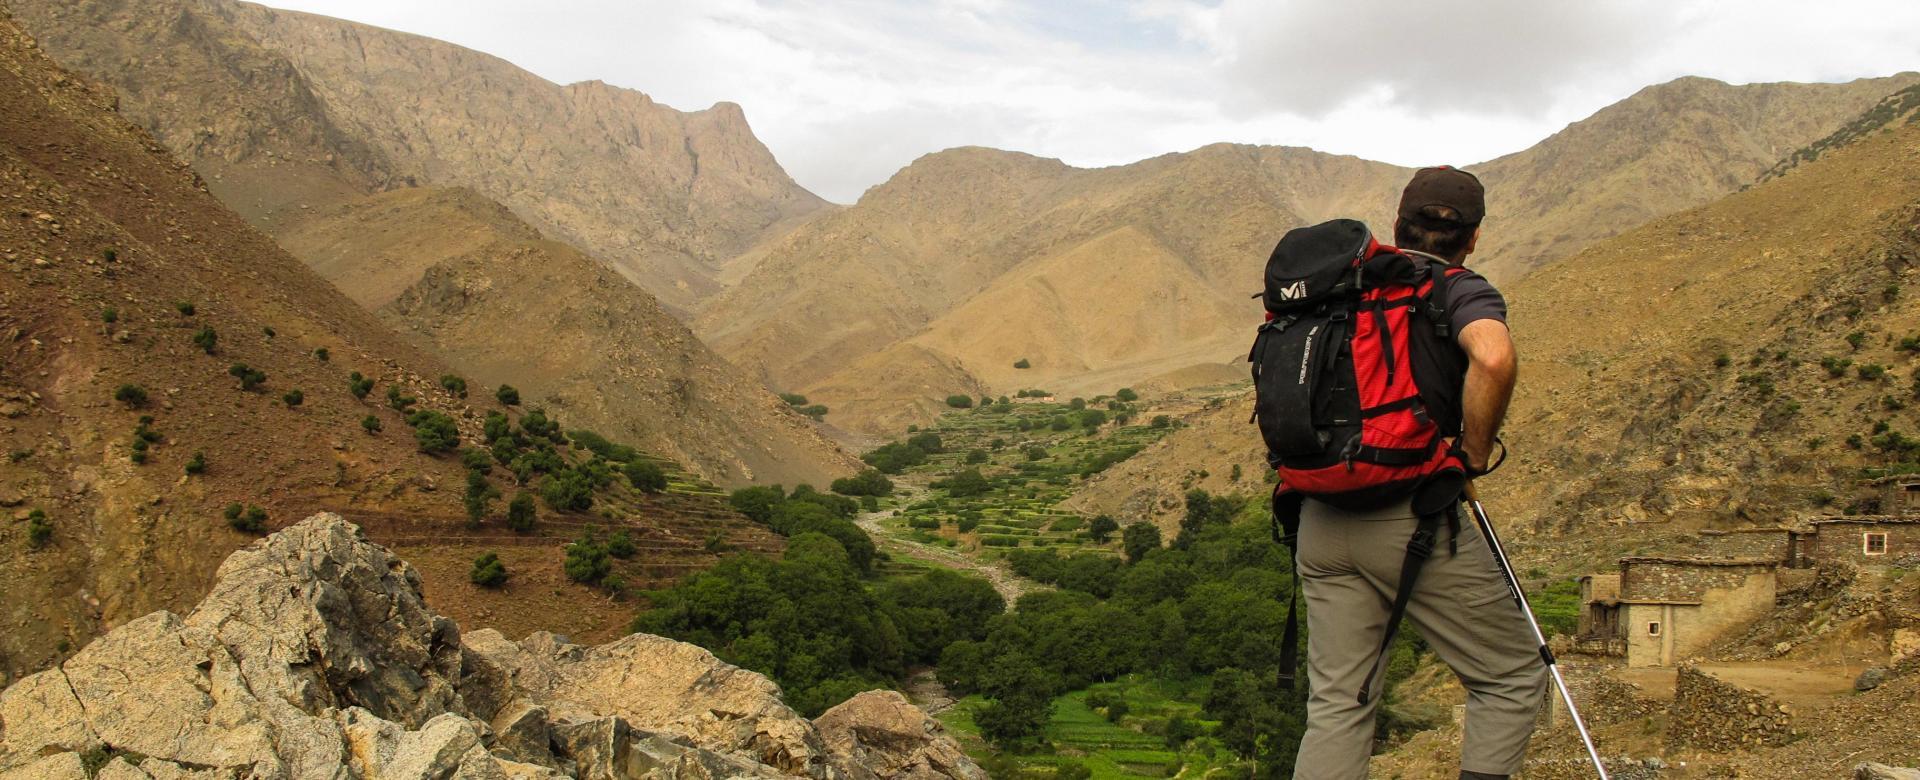 Voyage à pied : Haute route du toubkal